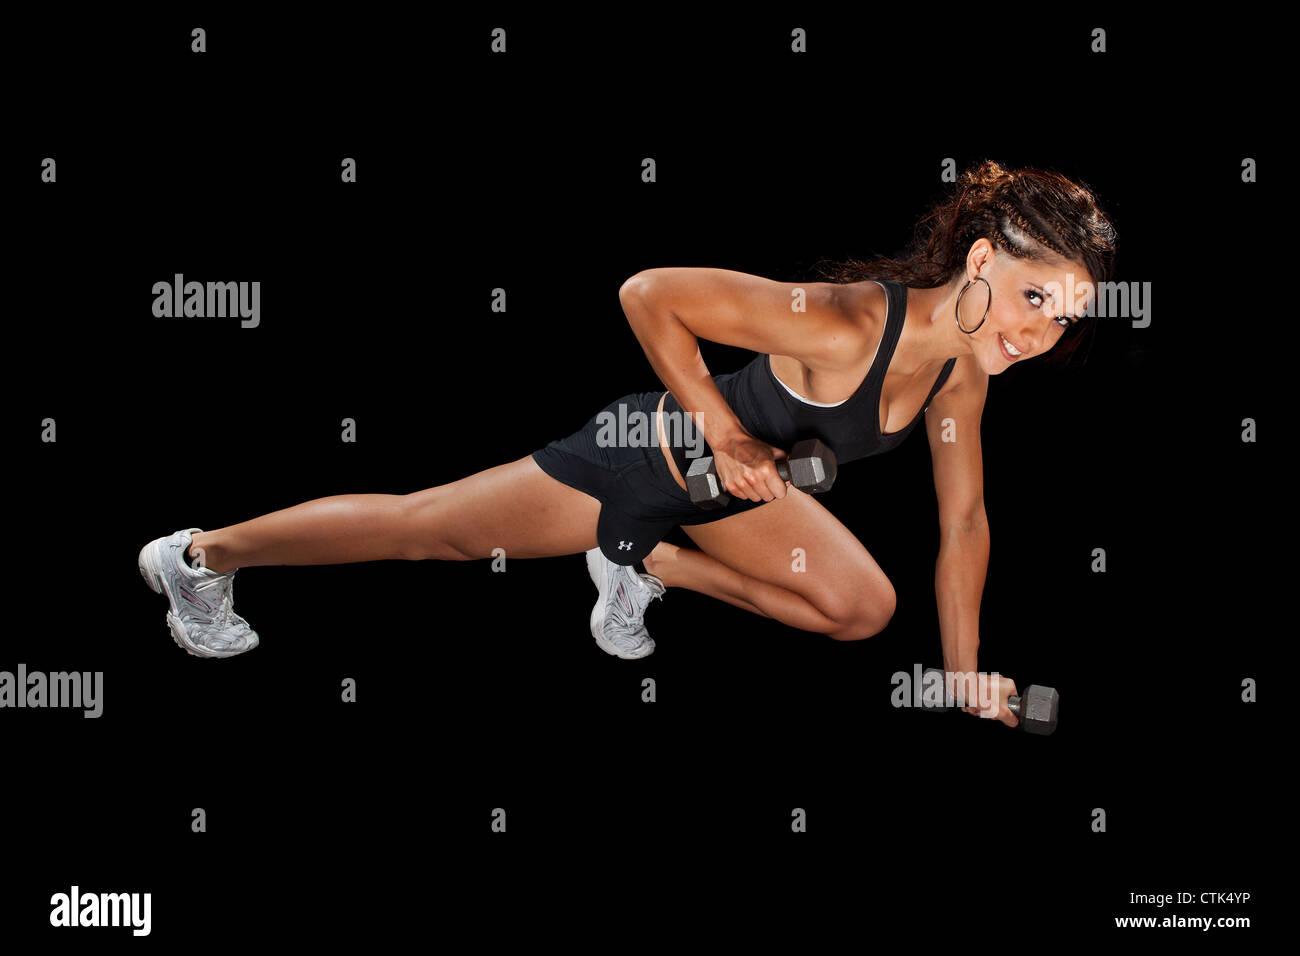 Esercizio ballerino fitness facendo premere su esercizio con pesi modello sport su sfondo nero studio illuminazione. Foto Stock